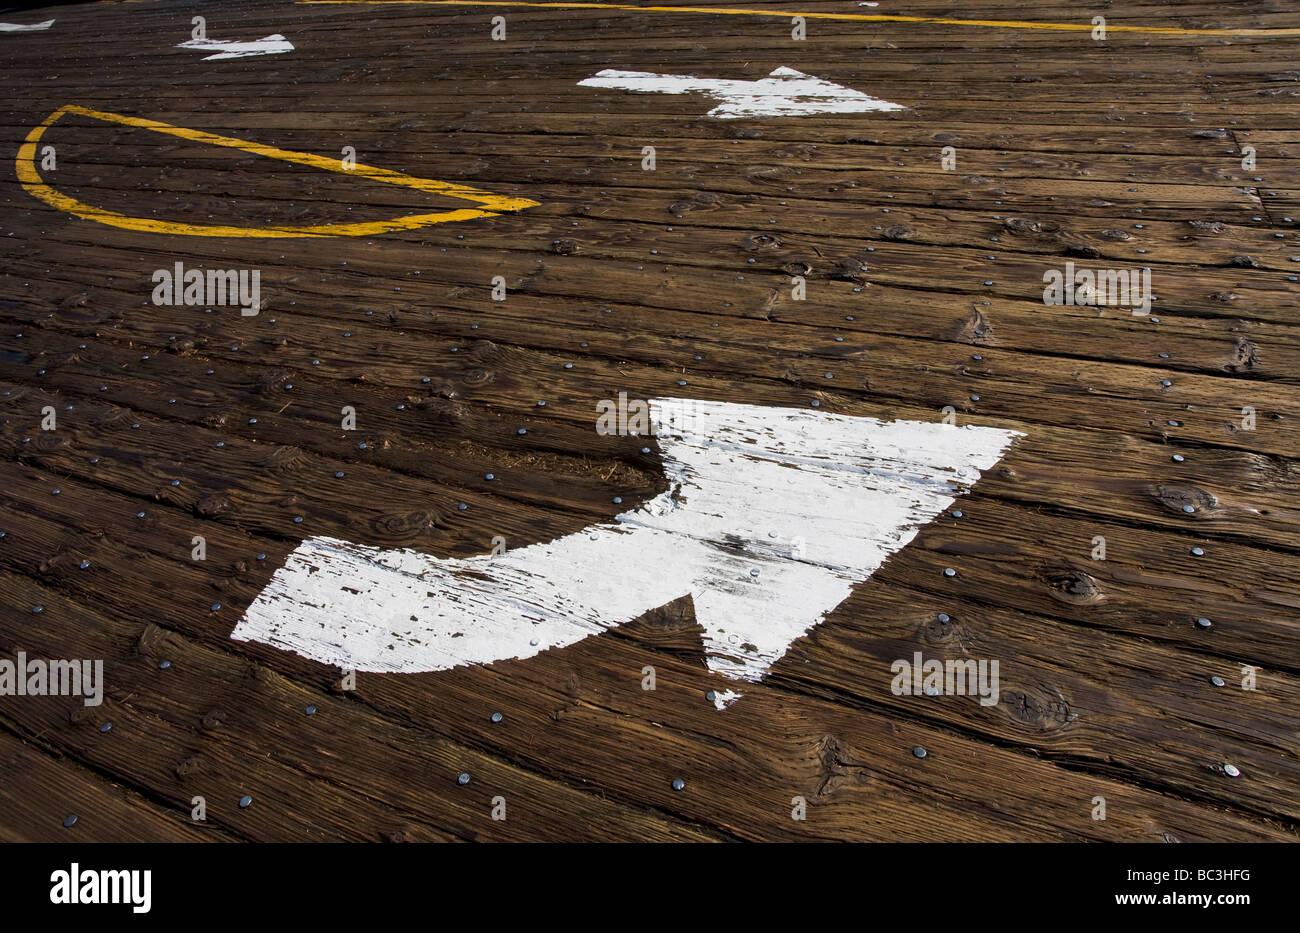 Details zu den Santa Monica Pier Santa Monica Los Angeles County Kalifornien Vereinigte Staaten von Amerika Stockbild